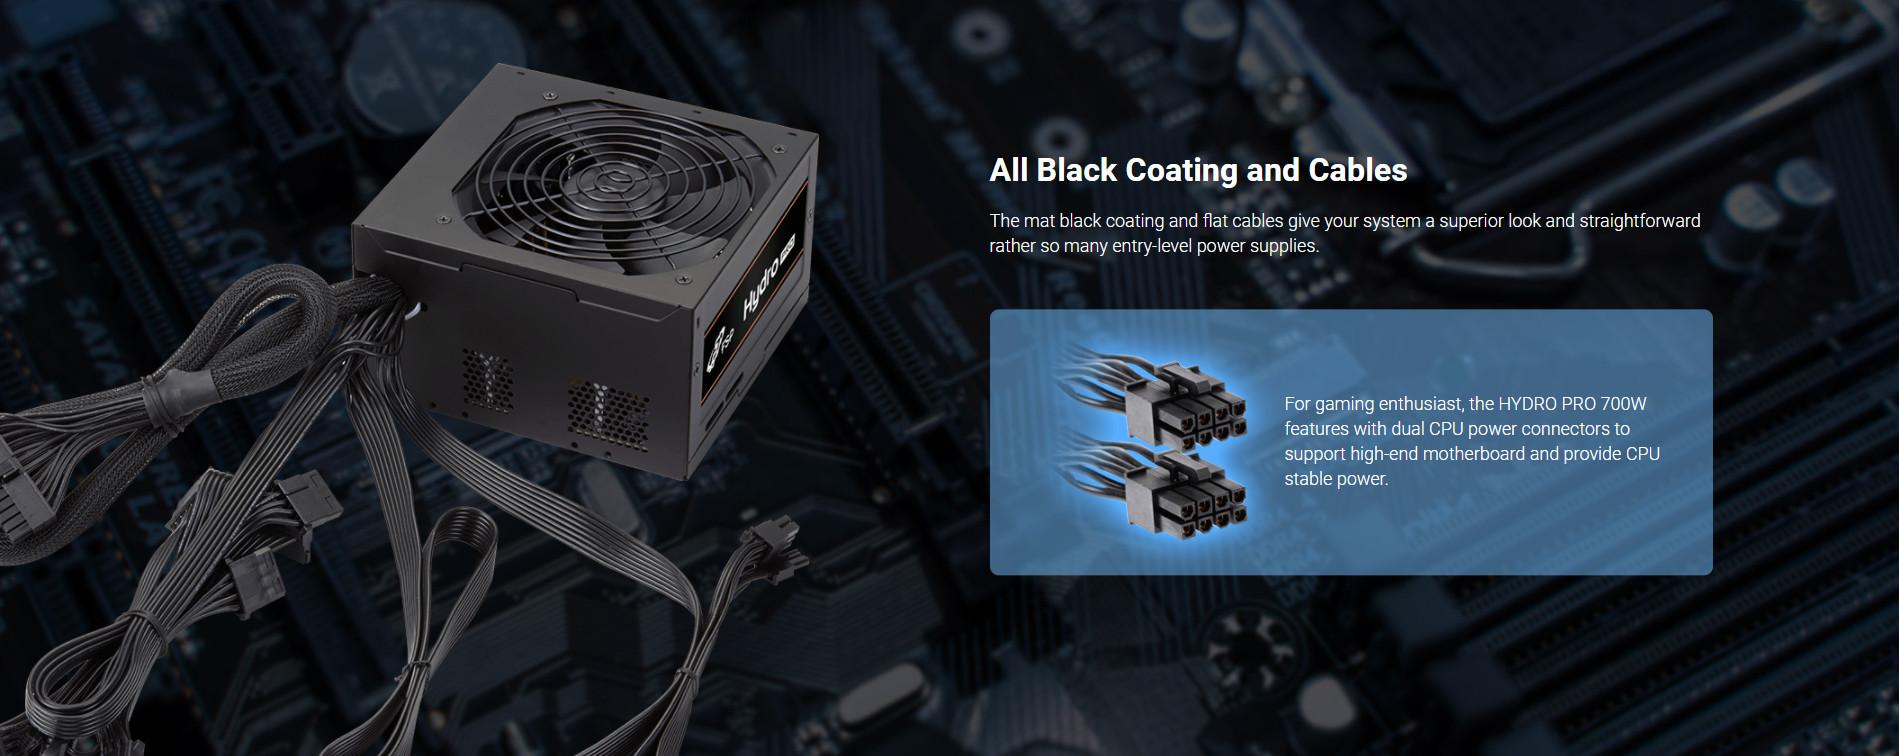 Nguồn FSP HYDRO PRO Series HP2-700  PPA7004304 (80 Plus Bronze/Màu Đen) giới thiệu 5